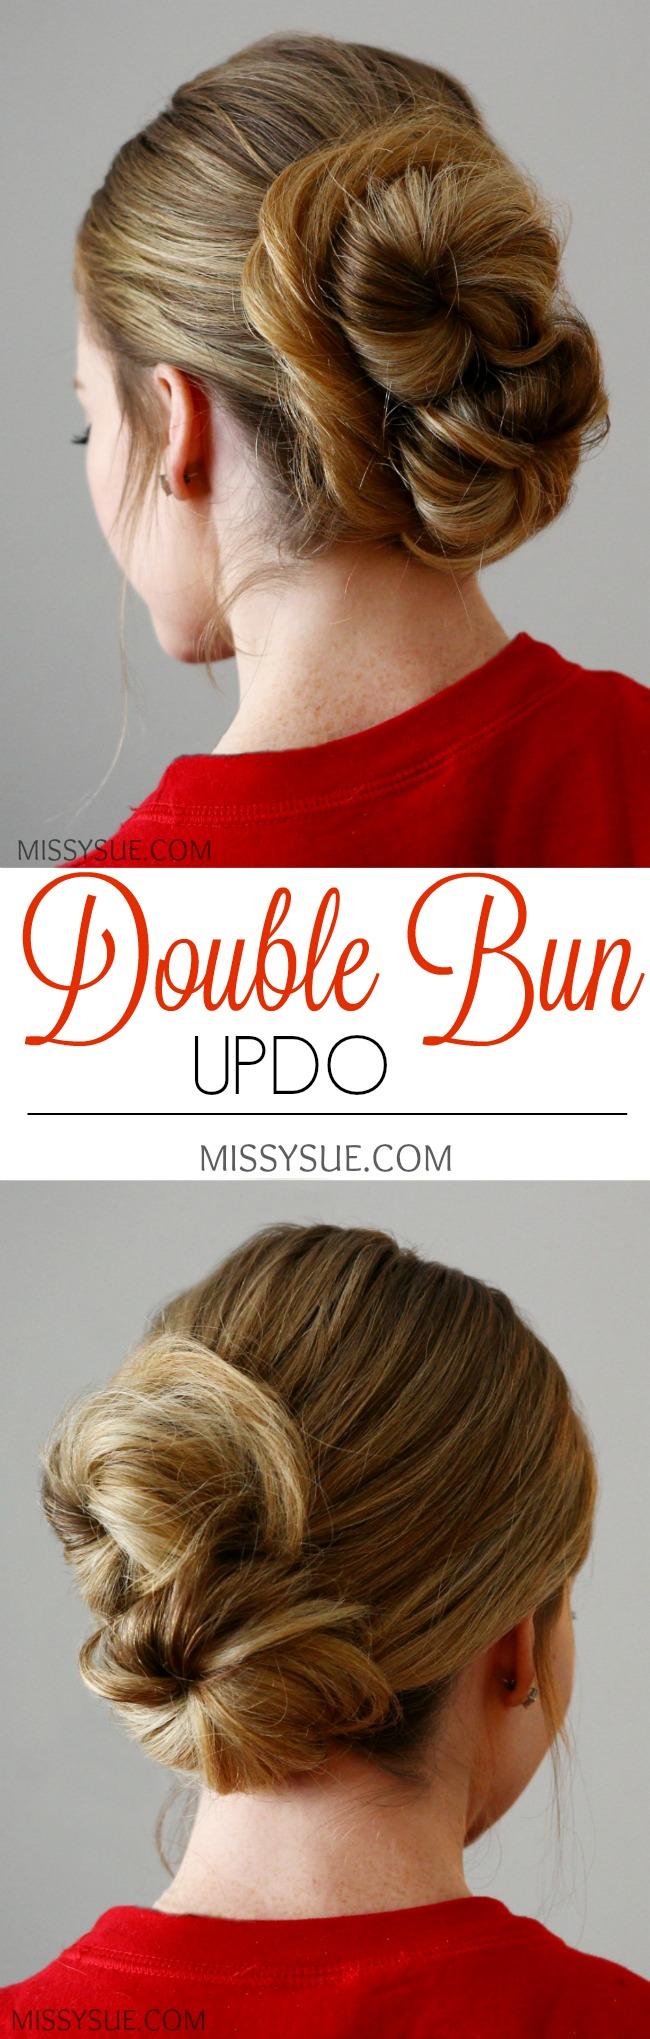 Double Bun Updo